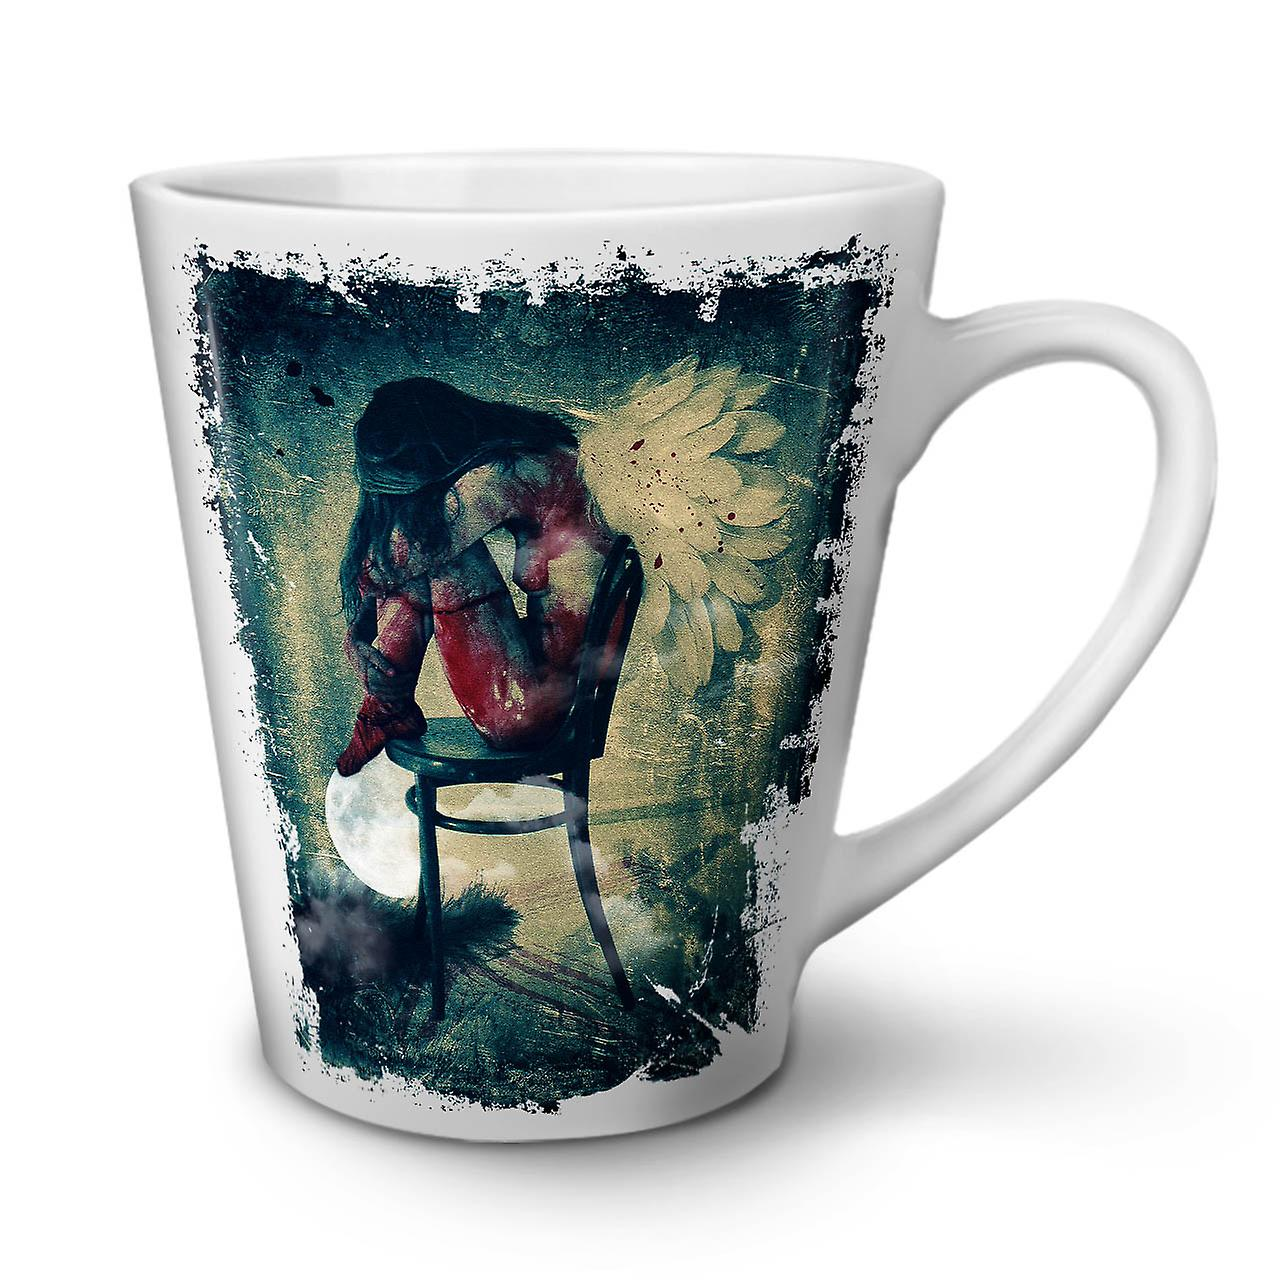 Latte Céramique OzWellcoda En 12 Aile Nouvelle Tasse Café Ange Blanche Femme 3Ljc4q5RA